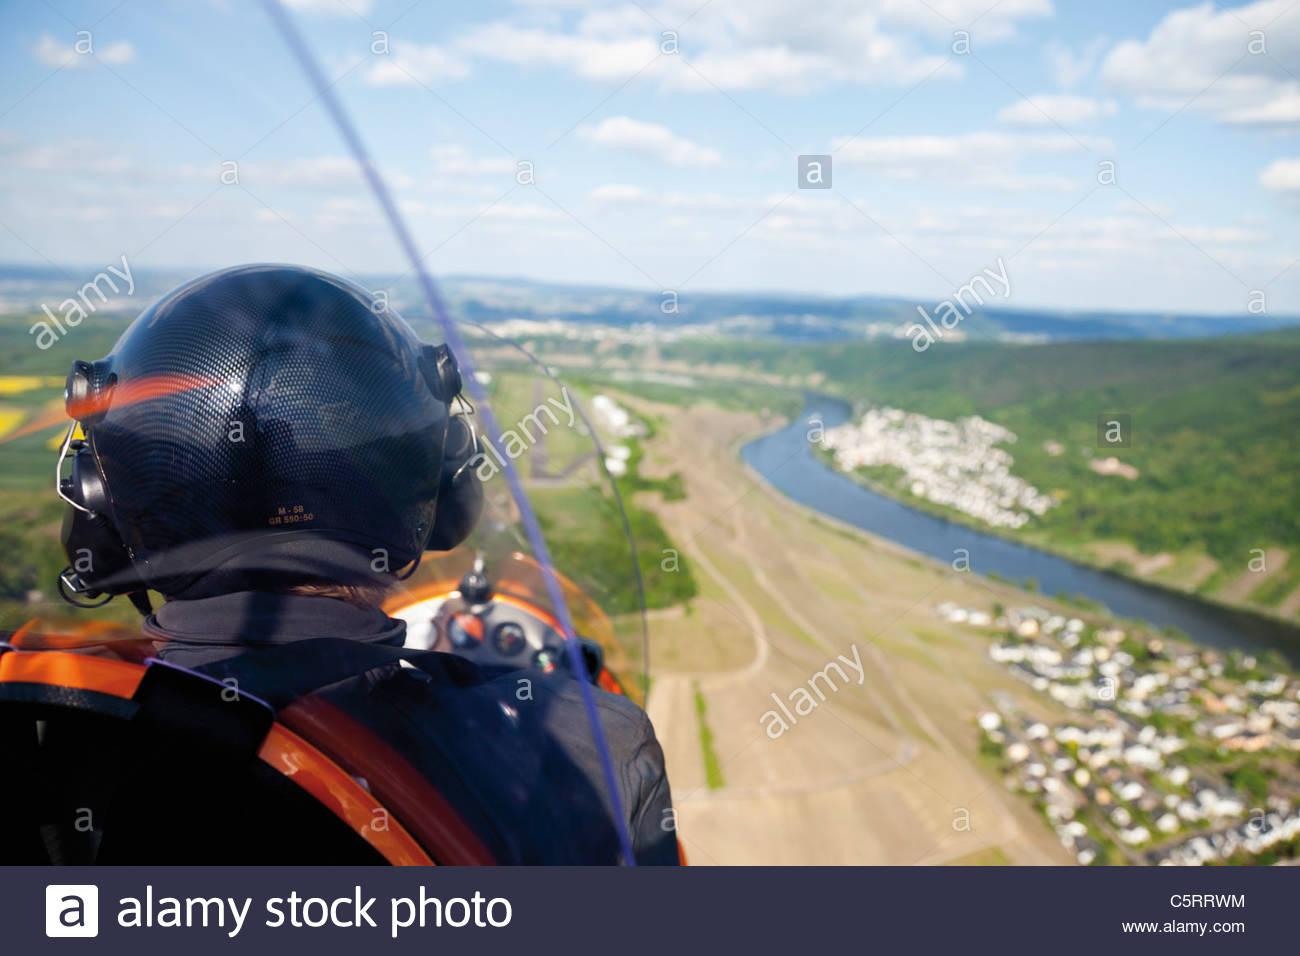 L'Europa, in Germania, in Renania Palatinato, Coblenza, vista di approccio di atterraggio di girocottero Immagini Stock